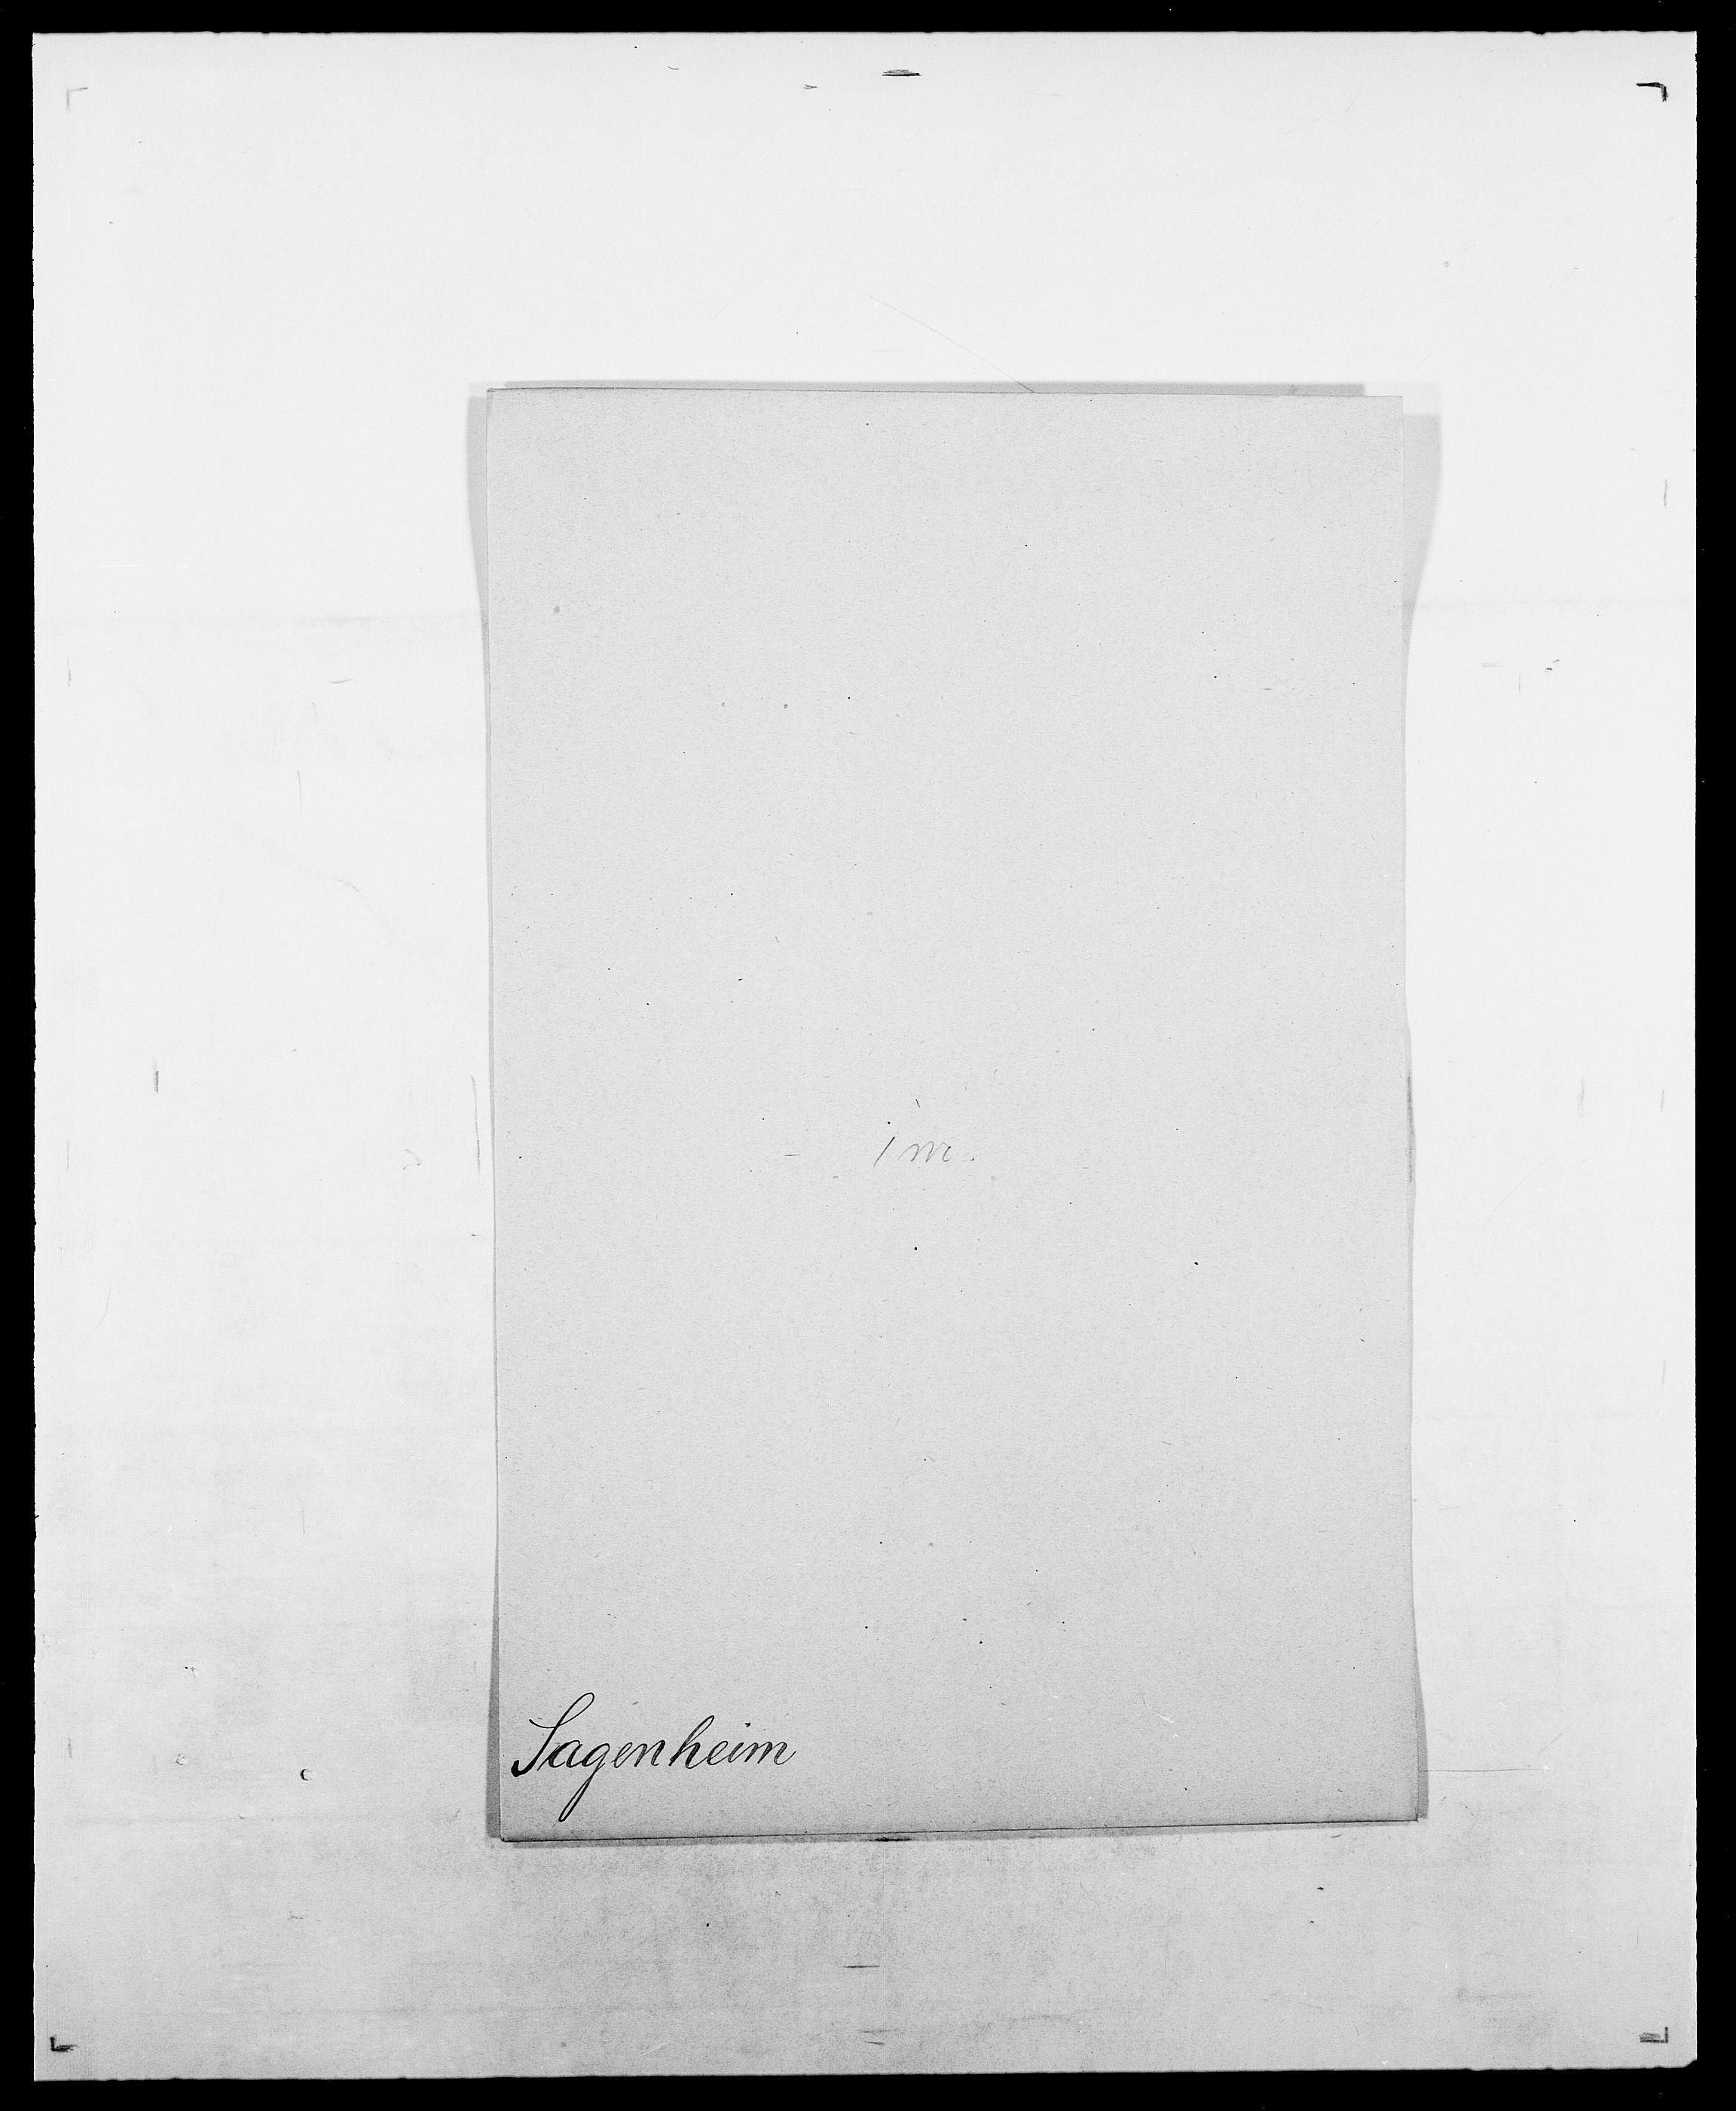 SAO, Delgobe, Charles Antoine - samling, D/Da/L0034: Saabye - Schmincke, s. 32